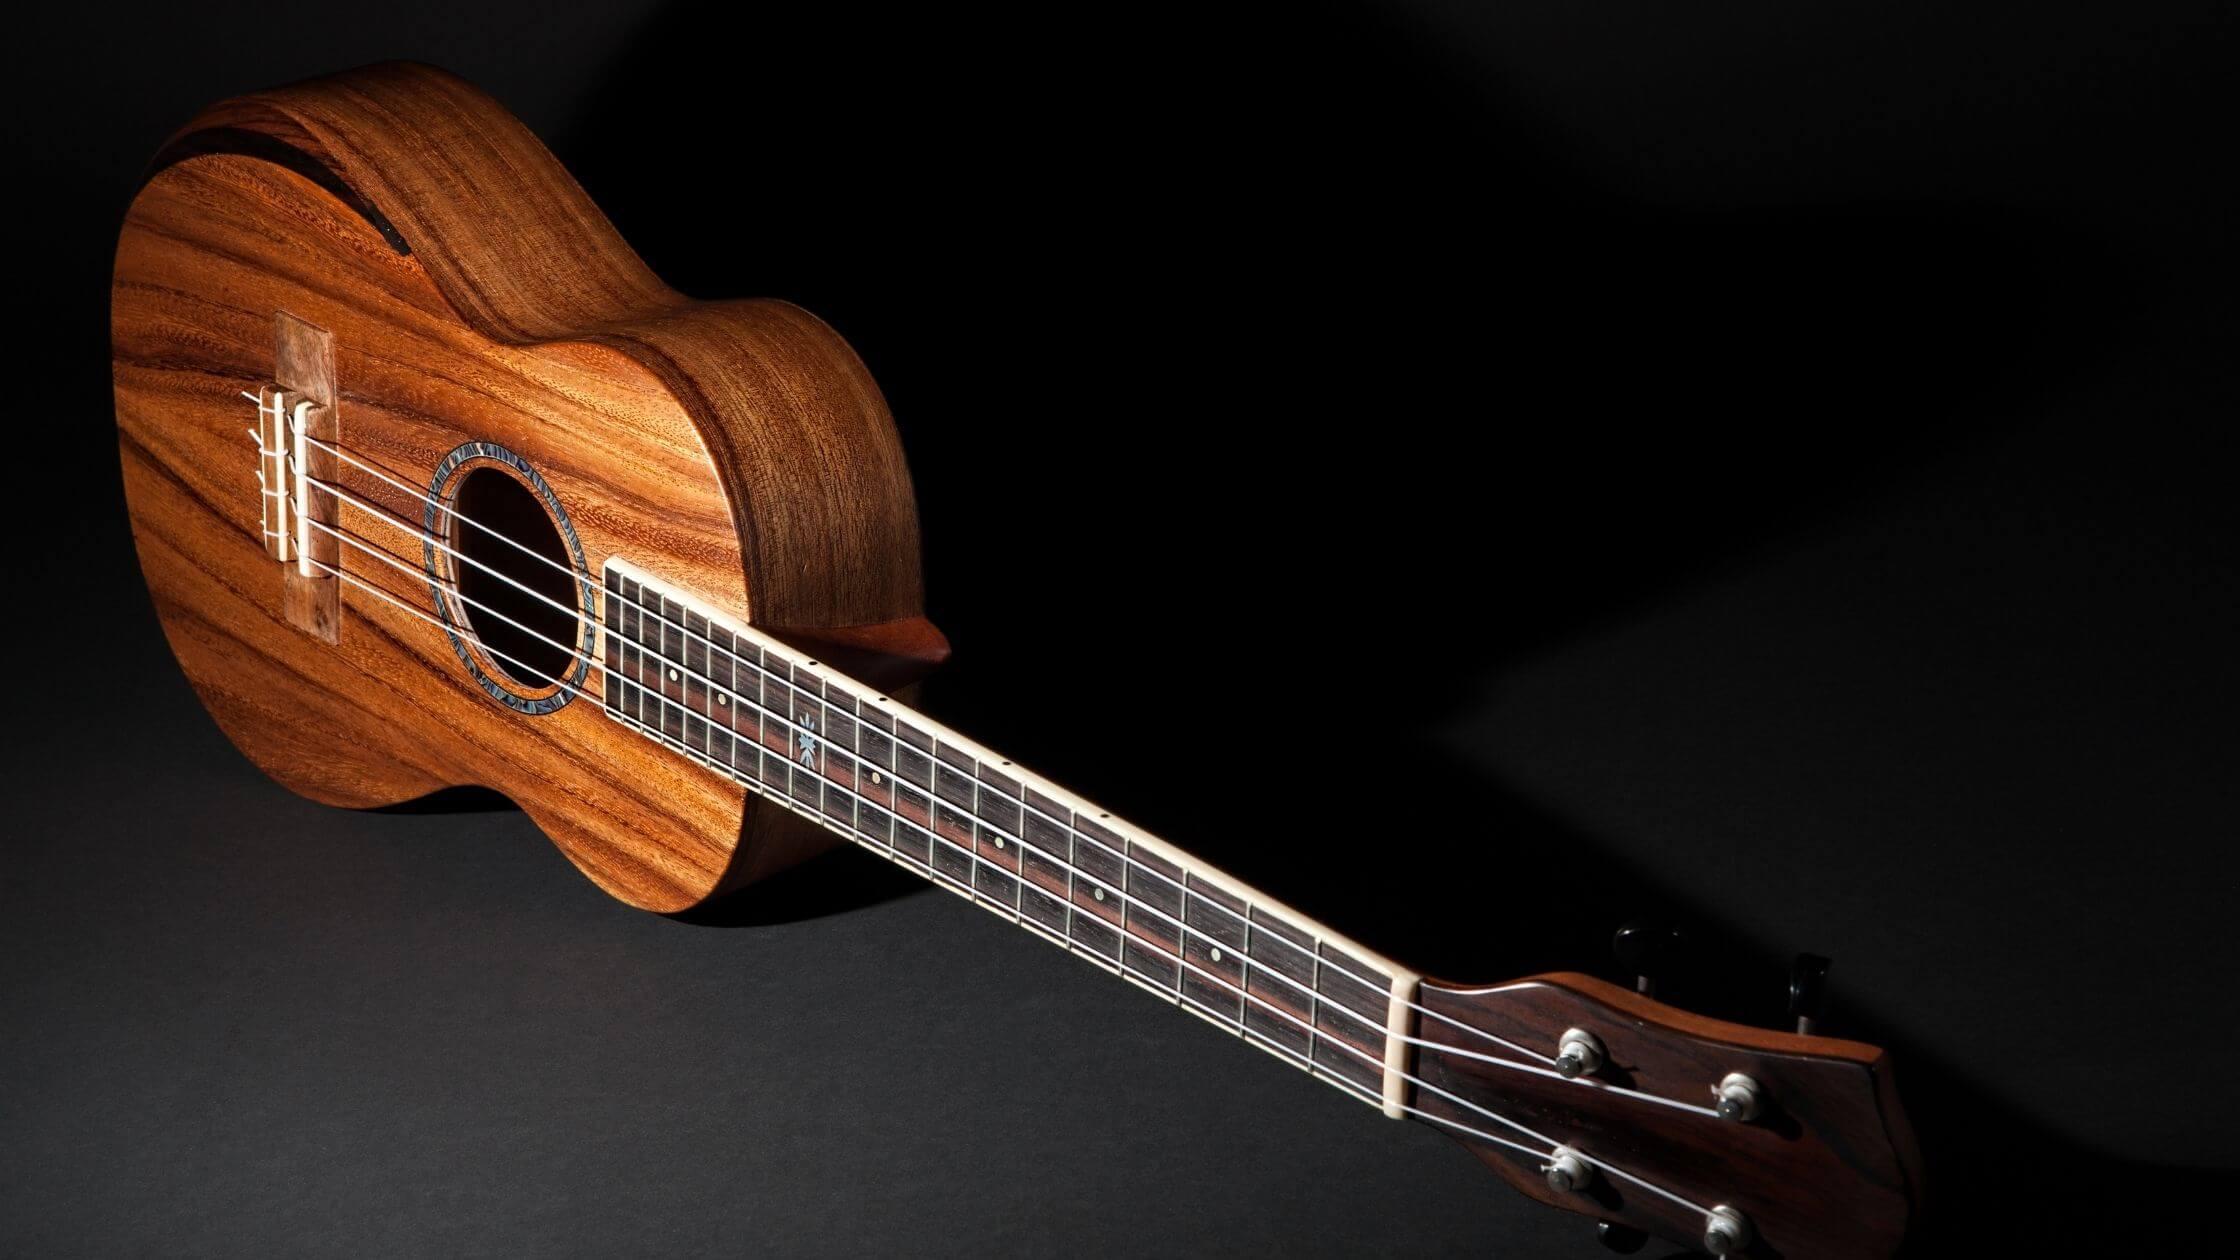 Best tenor ukulele under 200